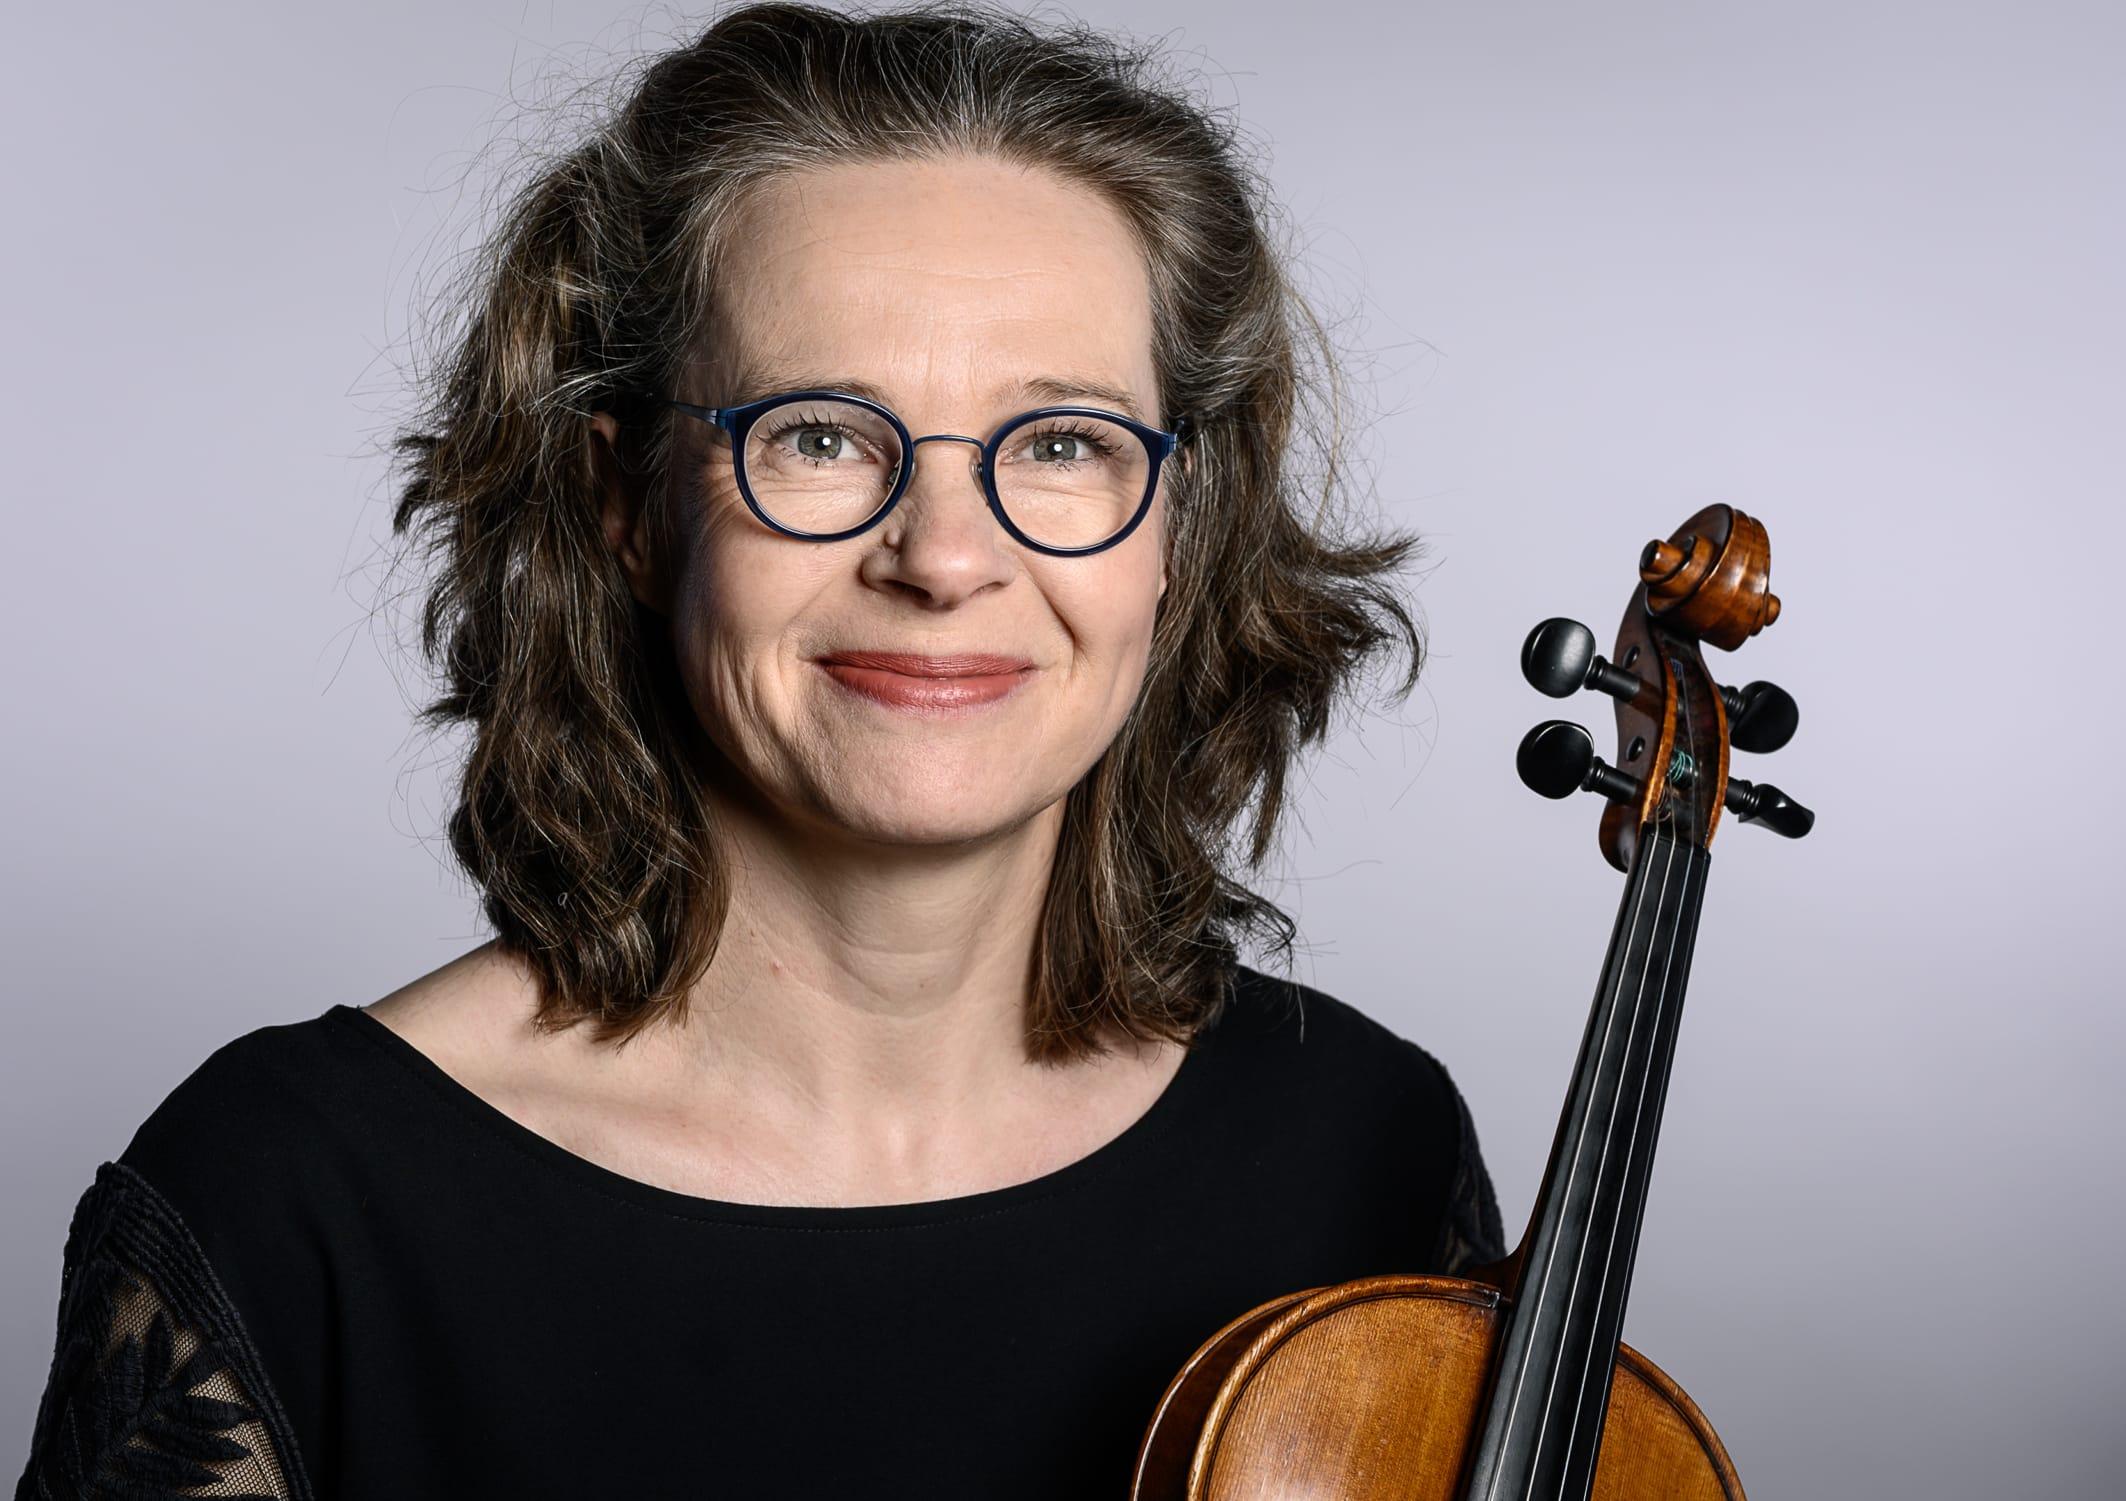 portrait Foto von Kerstin Spiegel